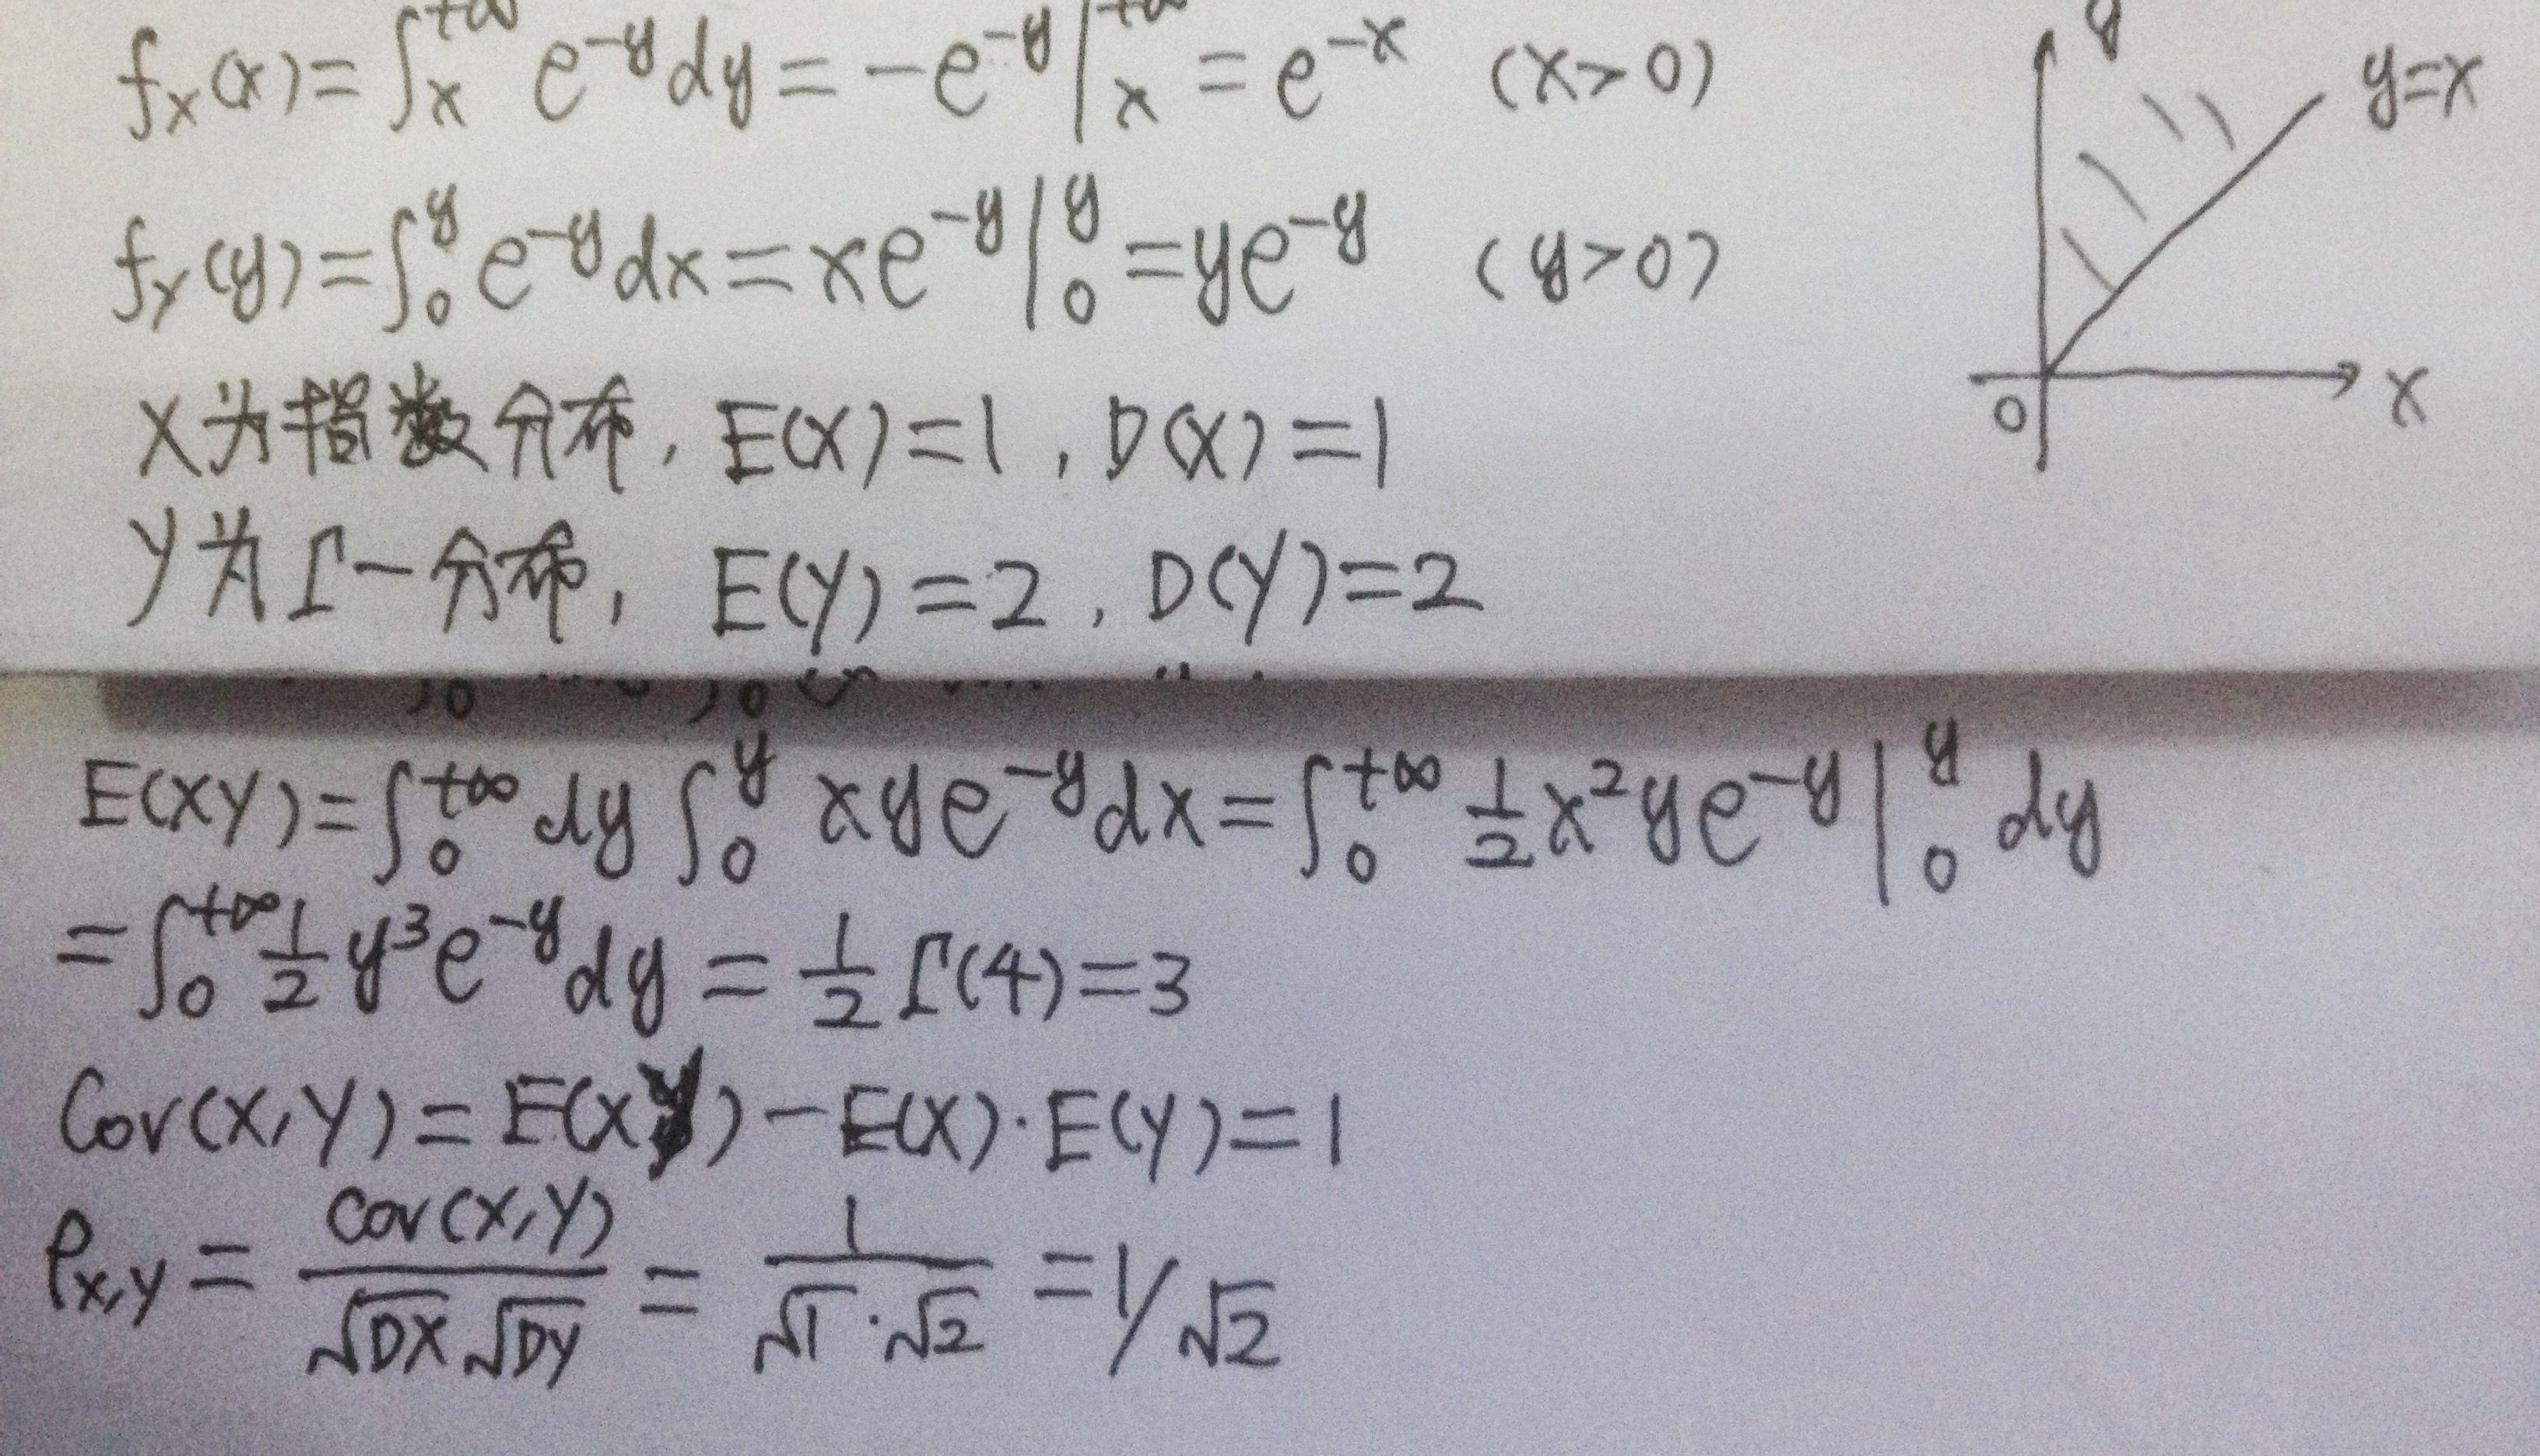 喜羊羊被挠脚���9f�x�_设二维随机变量(x,y)的联合概率密度为f(x,y)=e^(-y),0 x y,0,其它,试